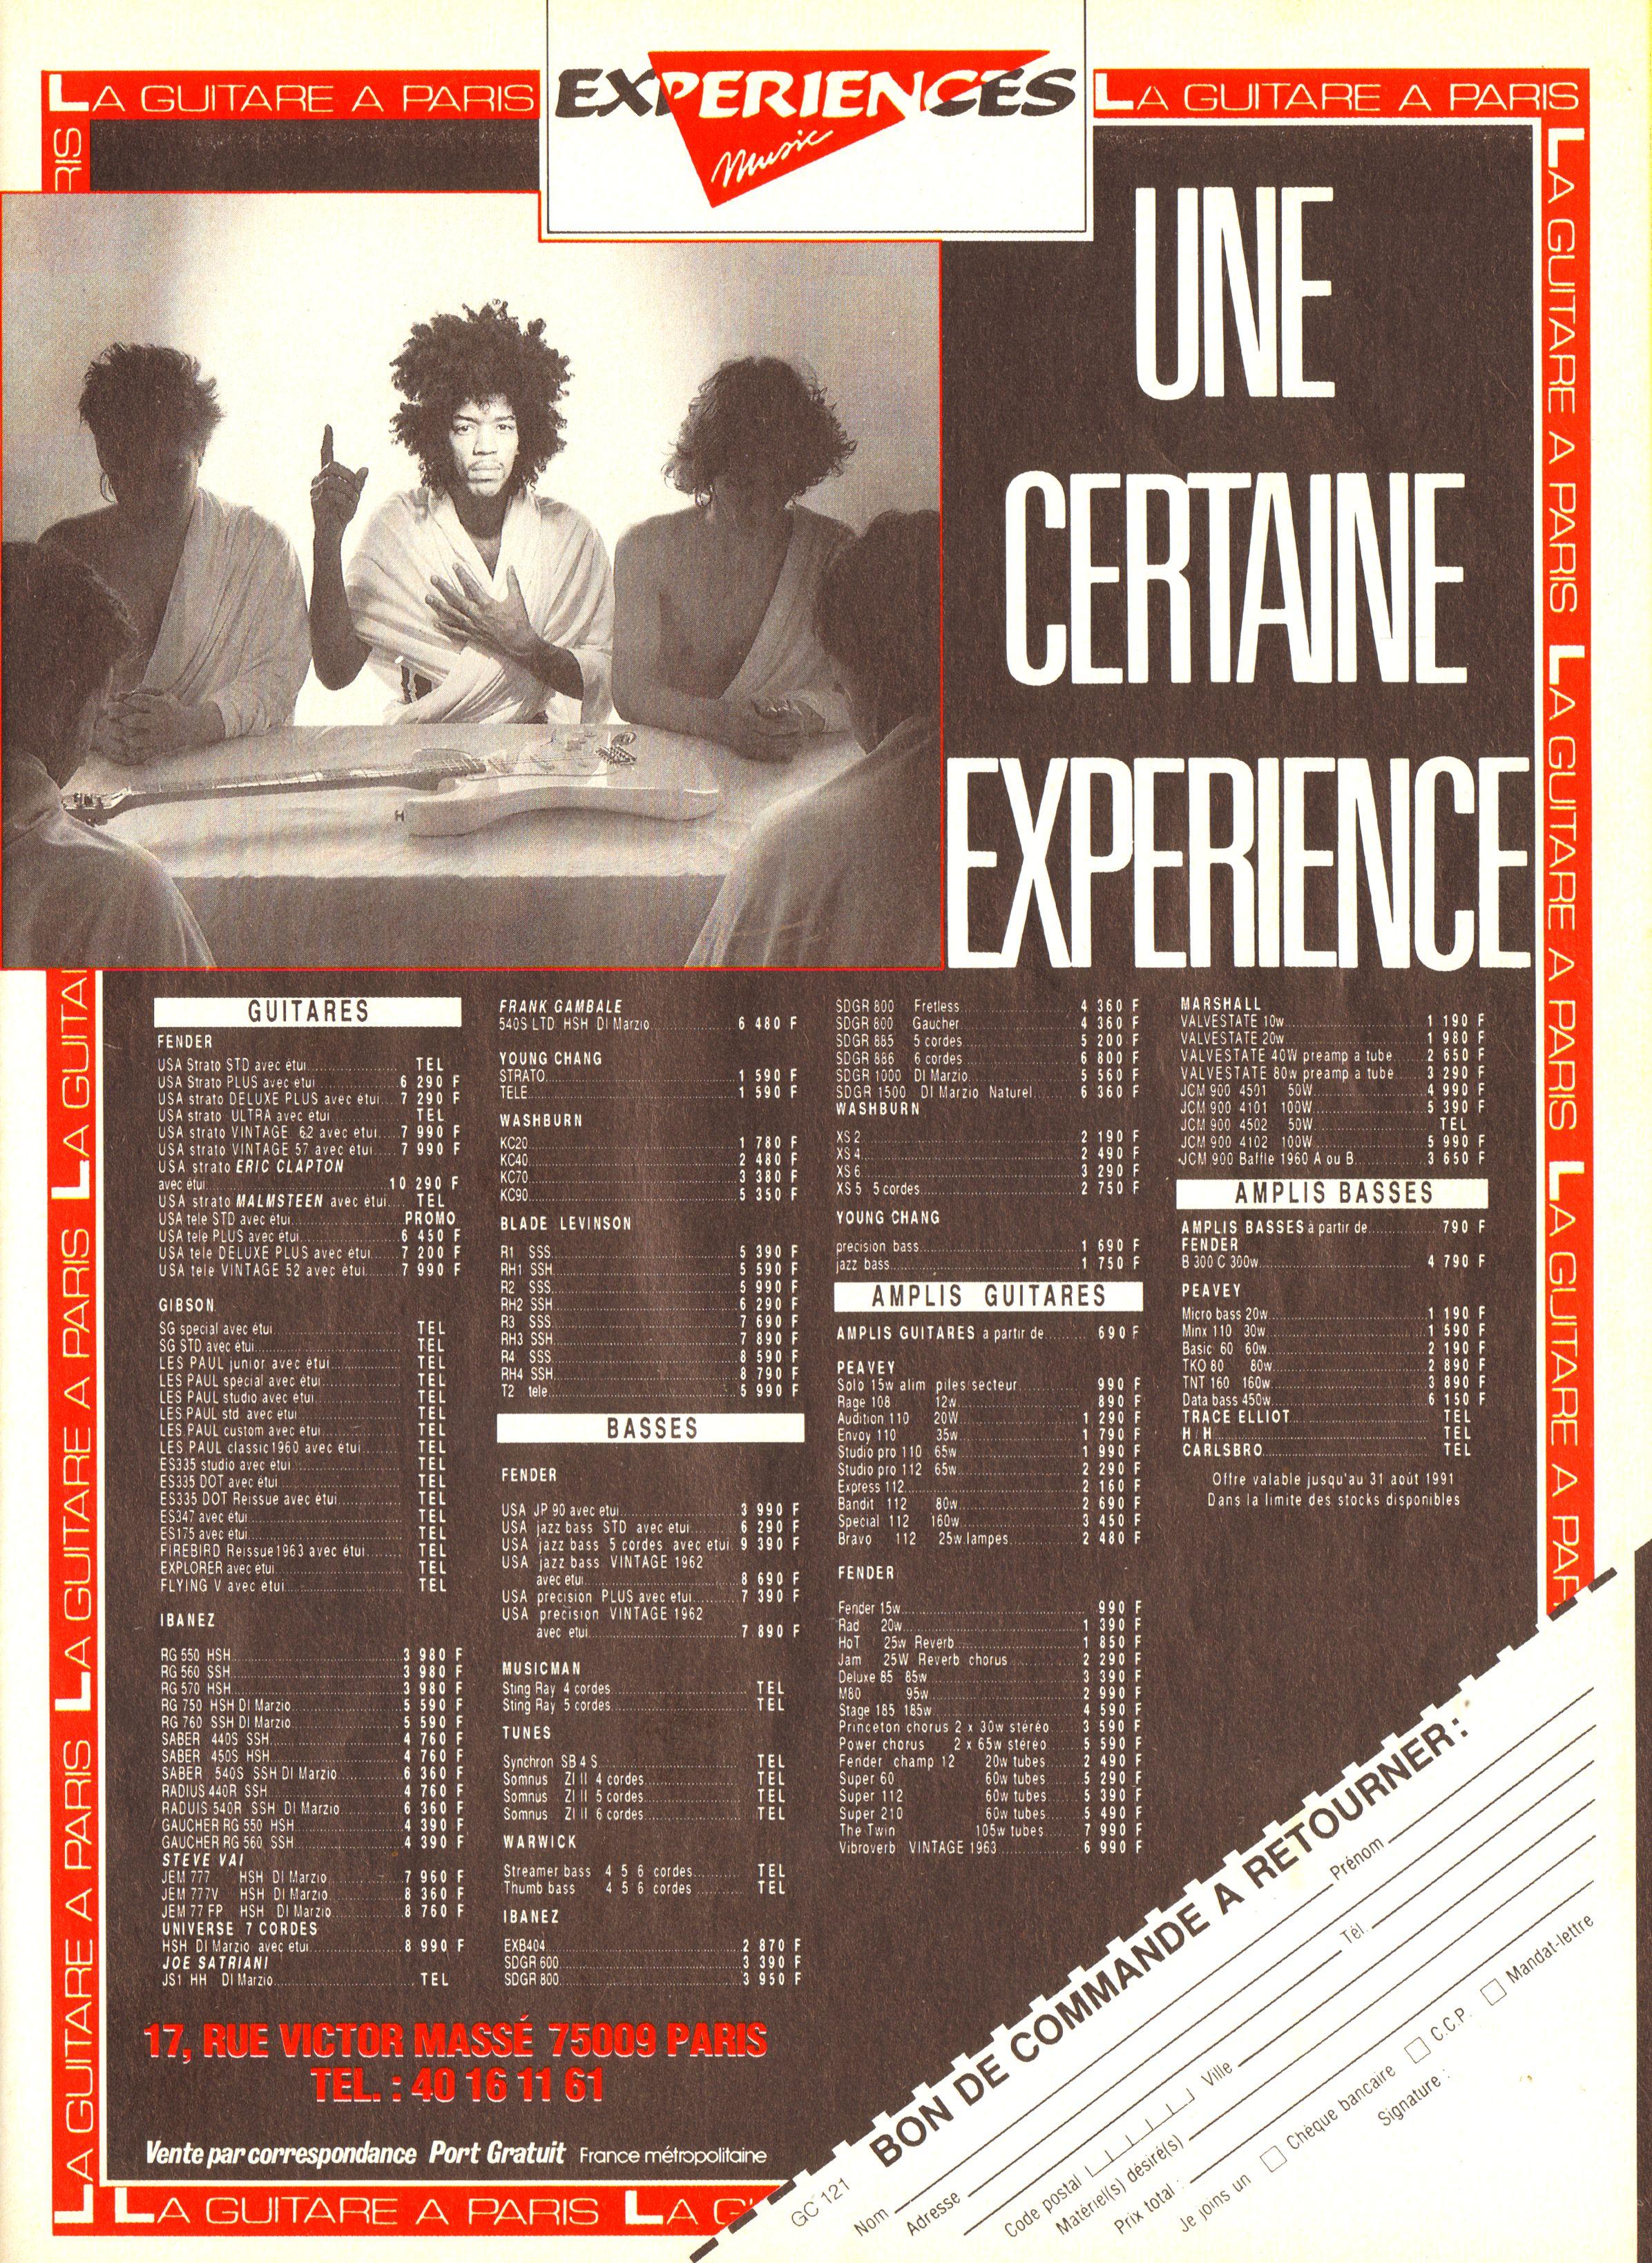 Magazines Français 1989 - 2014 GuitareClaviersJuilletAout1991Page25